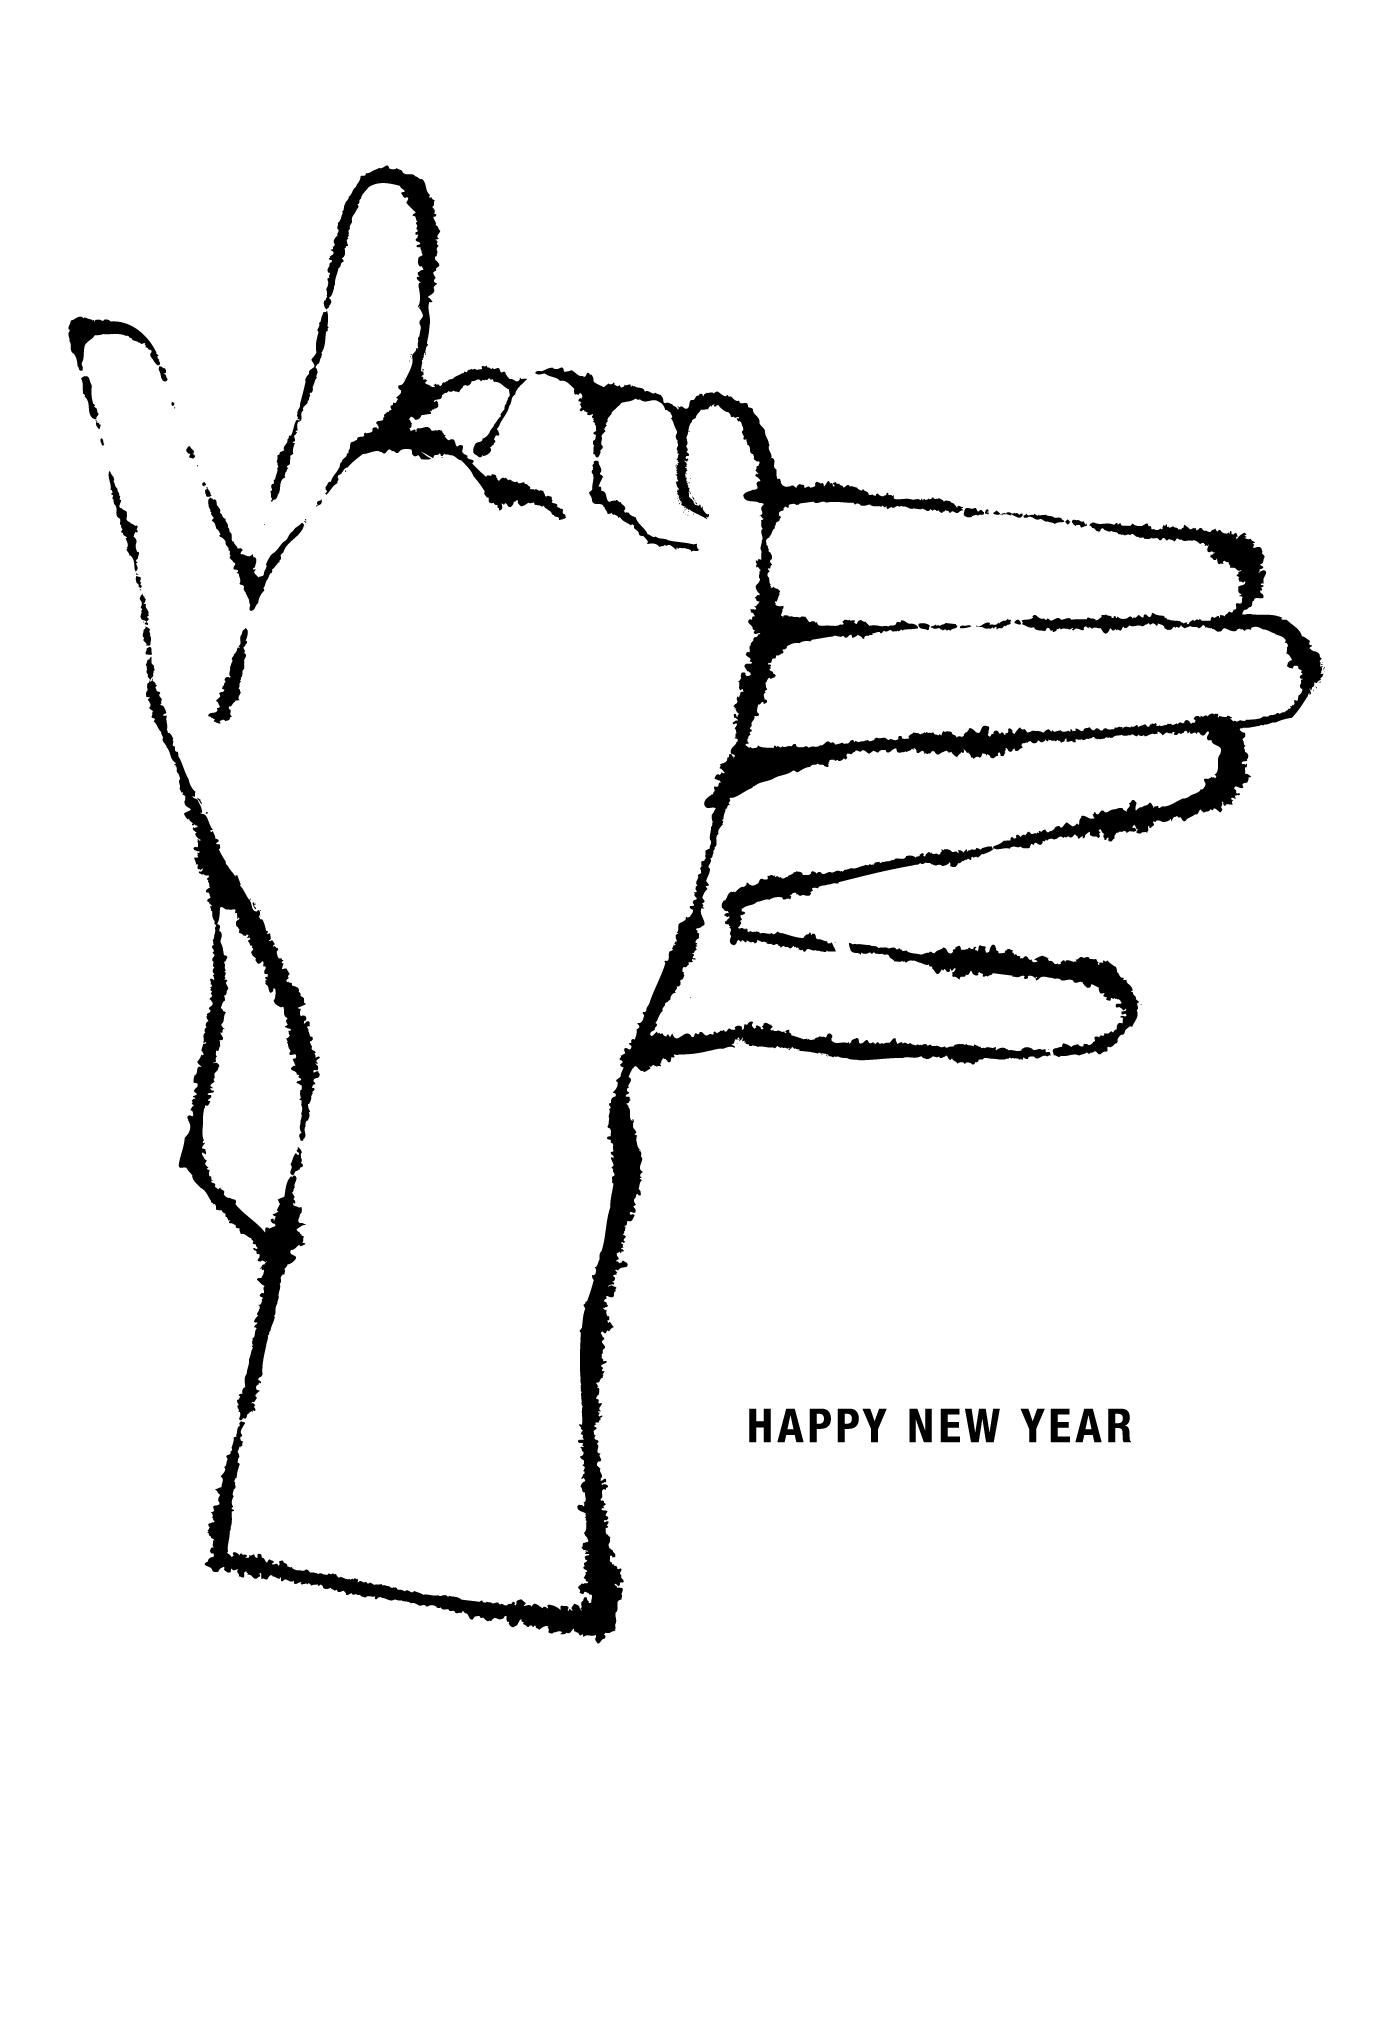 2018年賀状06:Hand made dog / line drawingのダウンロード画像